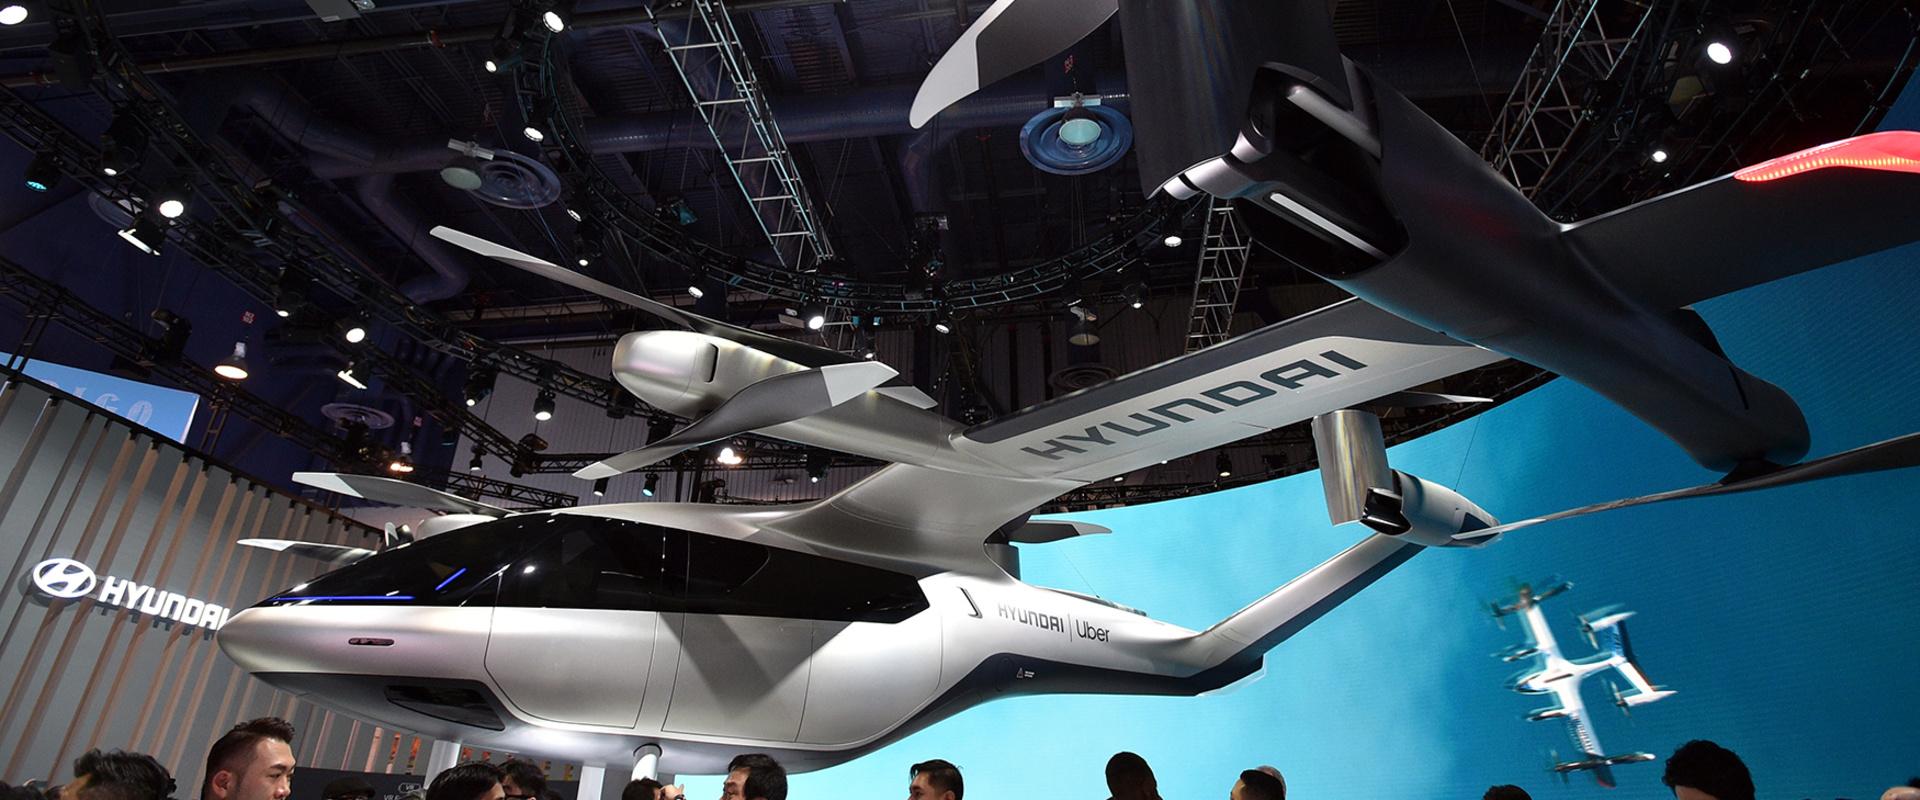 Виртуальные люди и летающий Hyundai: самые необычные новинки выставки электроники в Лас-Вегасе